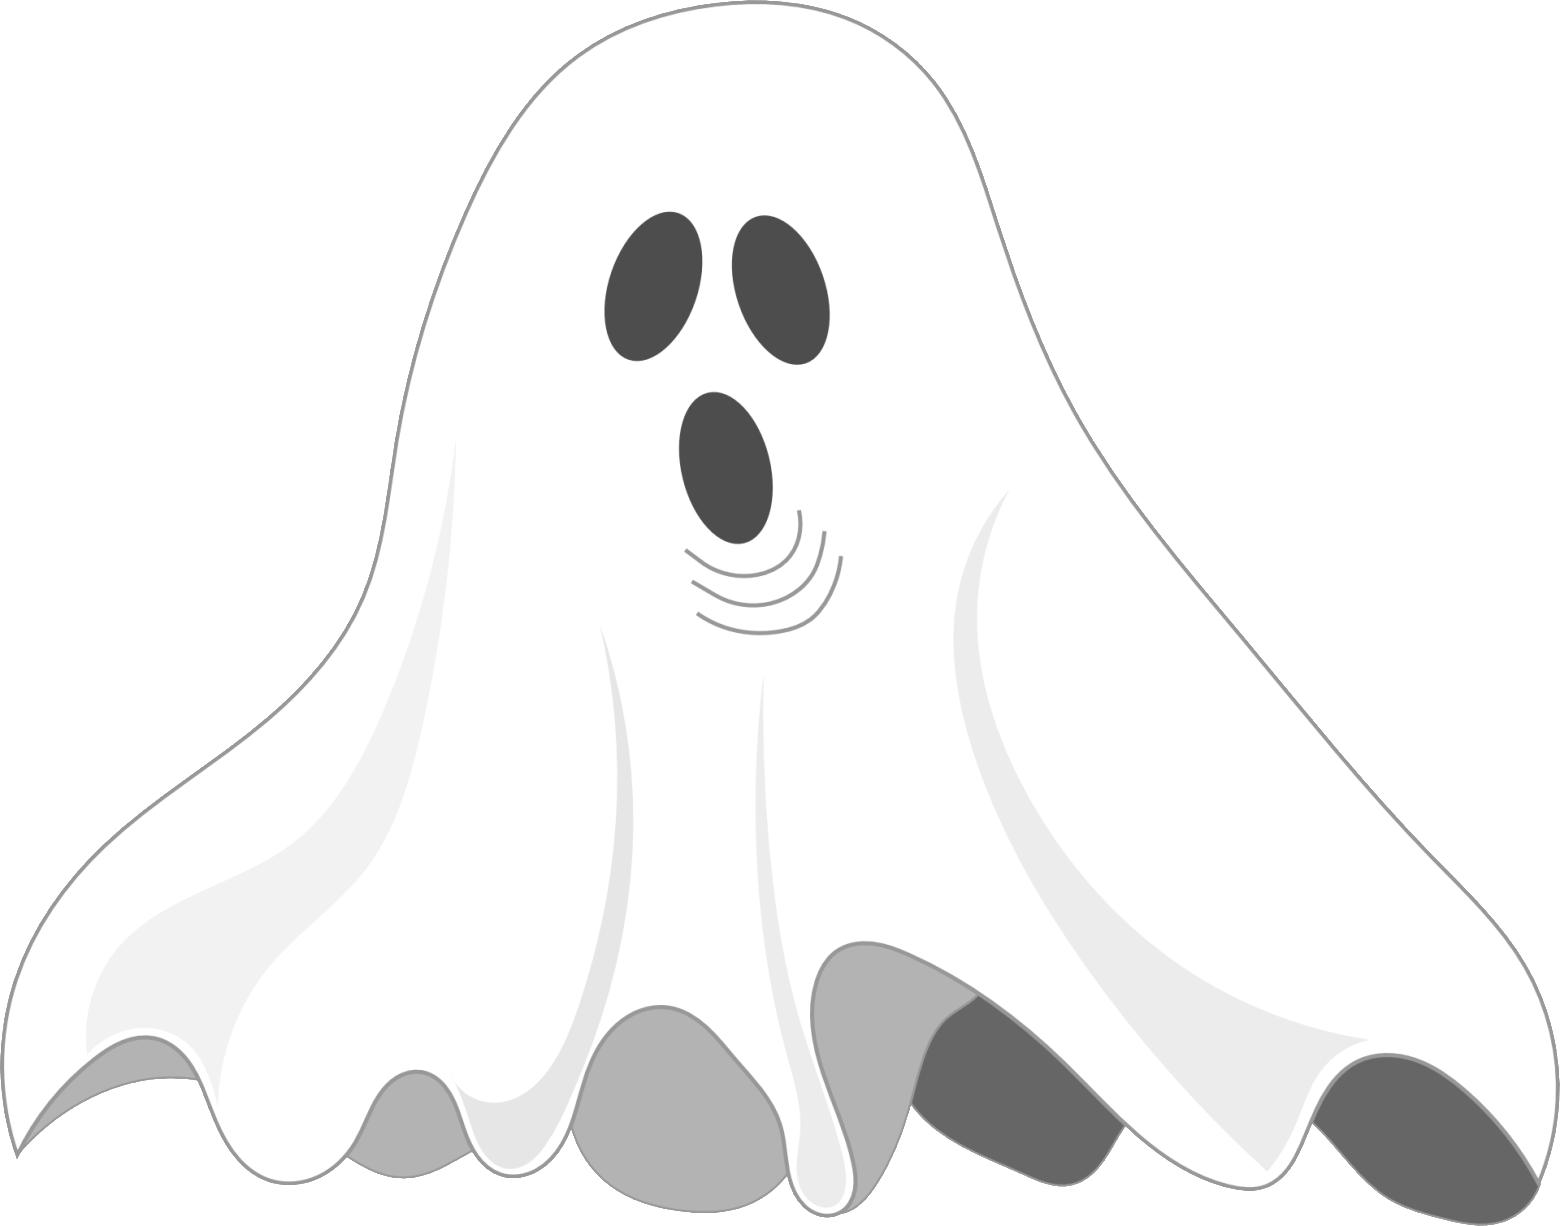 Fant me esprit ghost poltergeist images cliparts photos gratuites libres de droits images - Ghost fantome ...